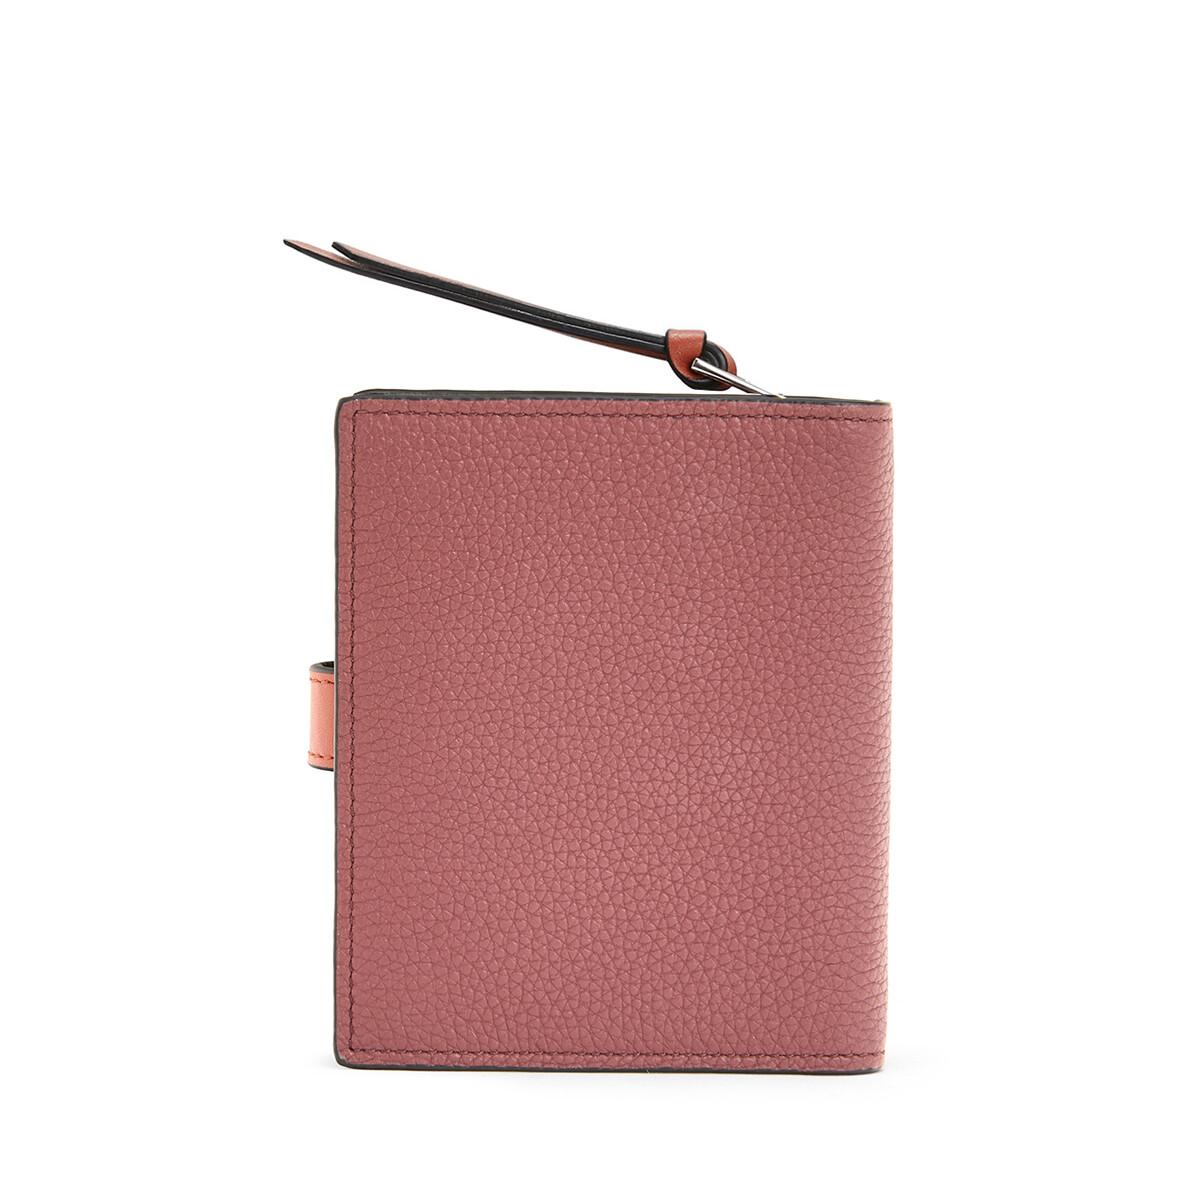 LOEWE Compact Zip Wallet Wine/Burnt Orange  front